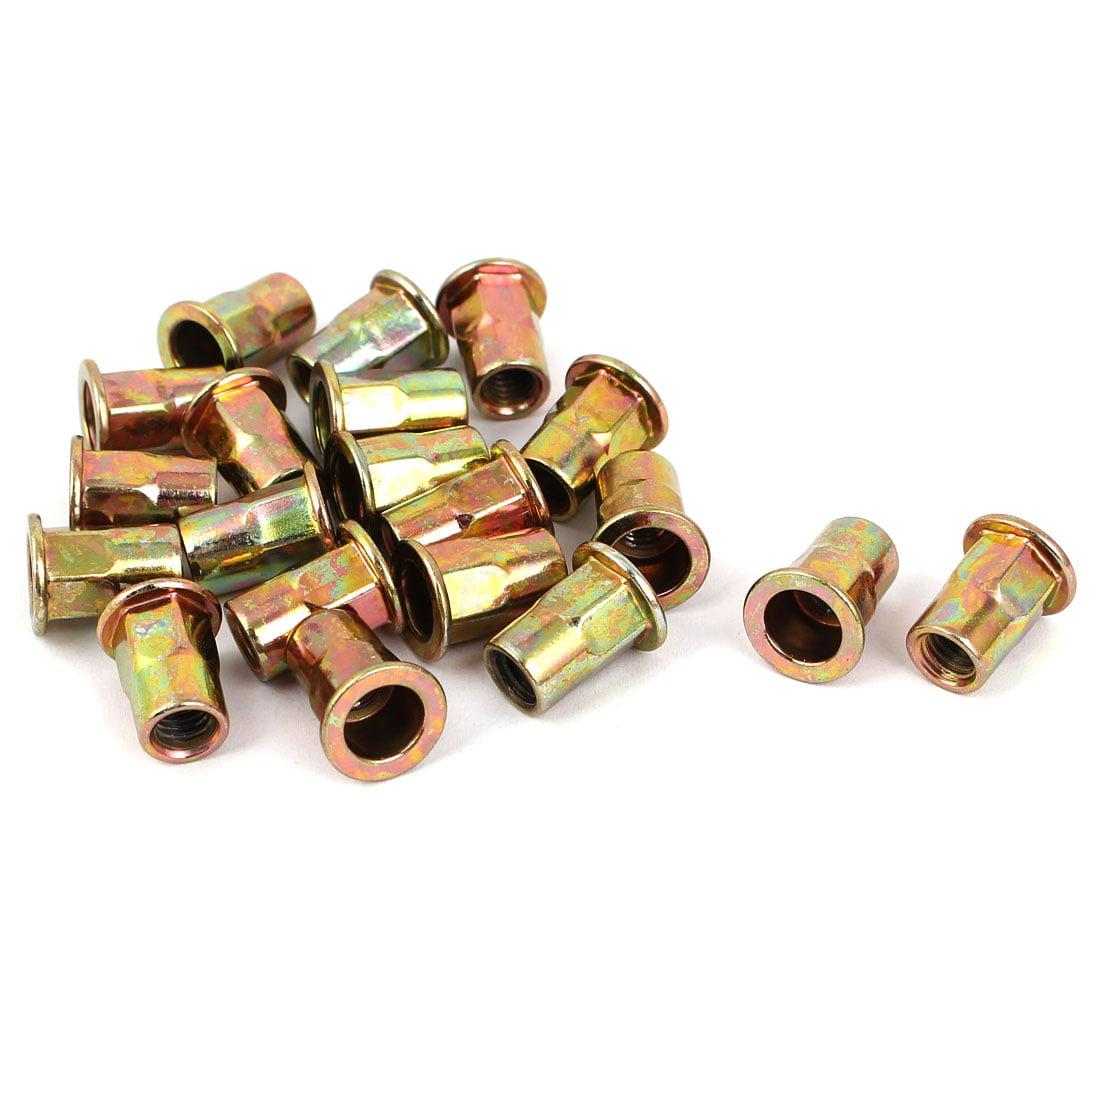 M6 Flat Head Metal Rivet Nut  Insert Nutsert Gold Tone 20pcs